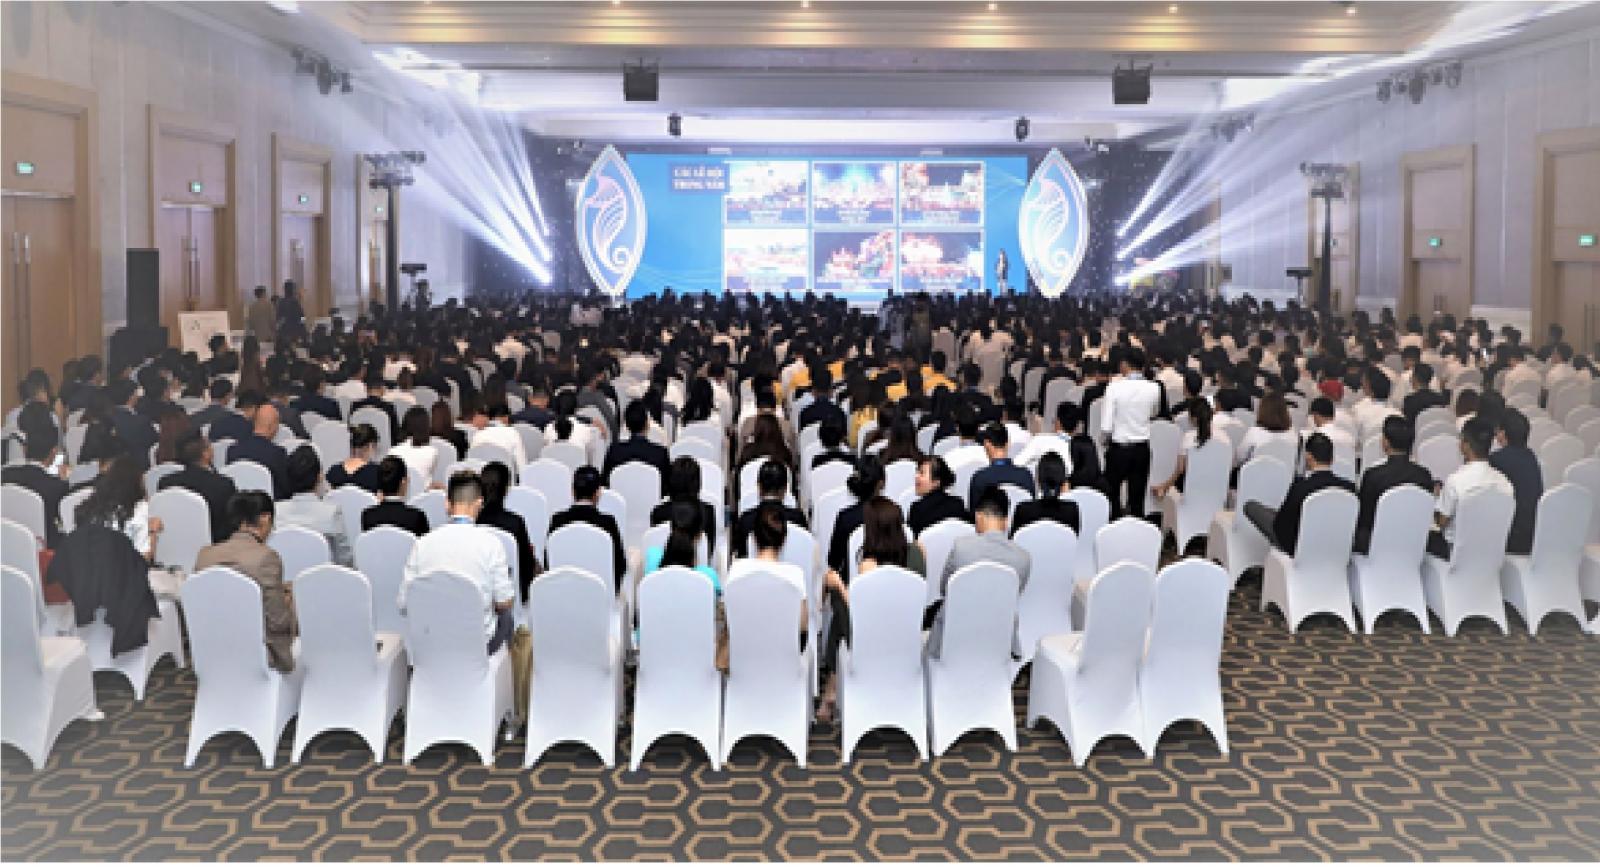 Hơn 1.000 người đang ngồi trên chiếc ghế vải bọc vải trắng dưới sân khâu